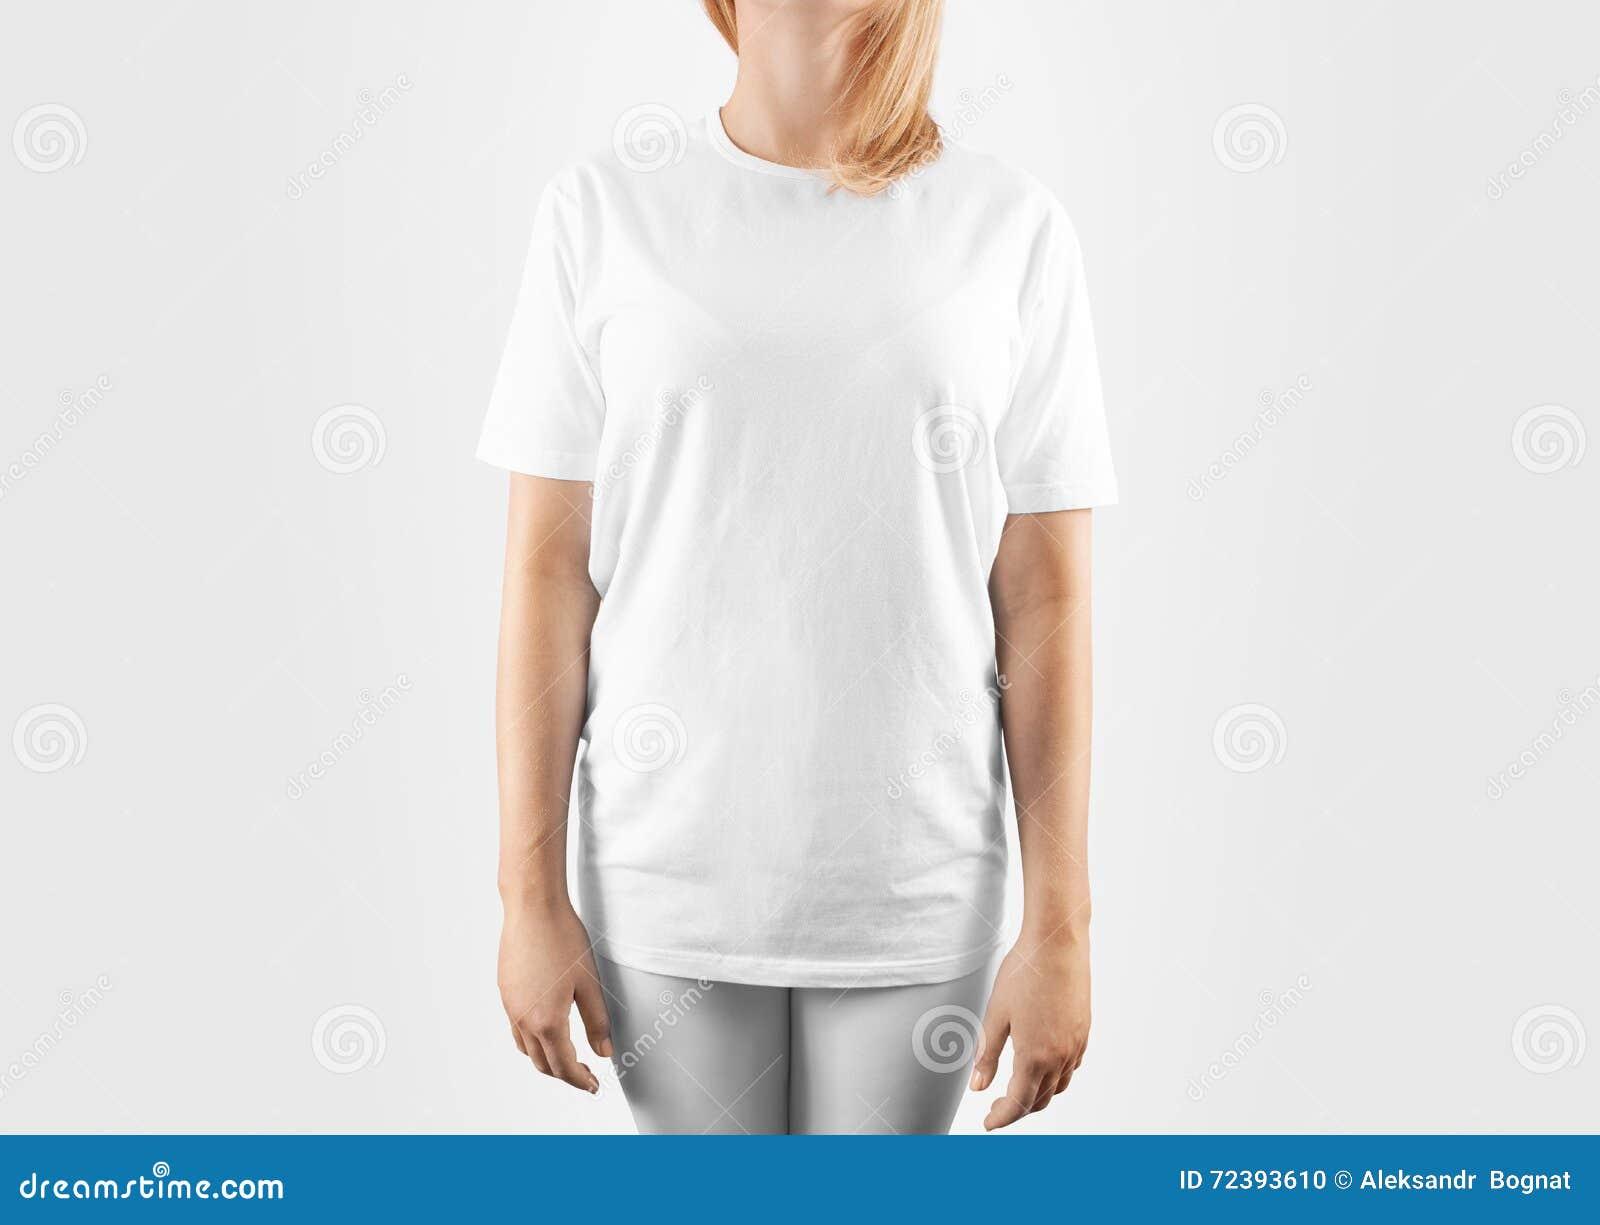 Pusty biały koszulka projekta mockup, ścinek ścieżka